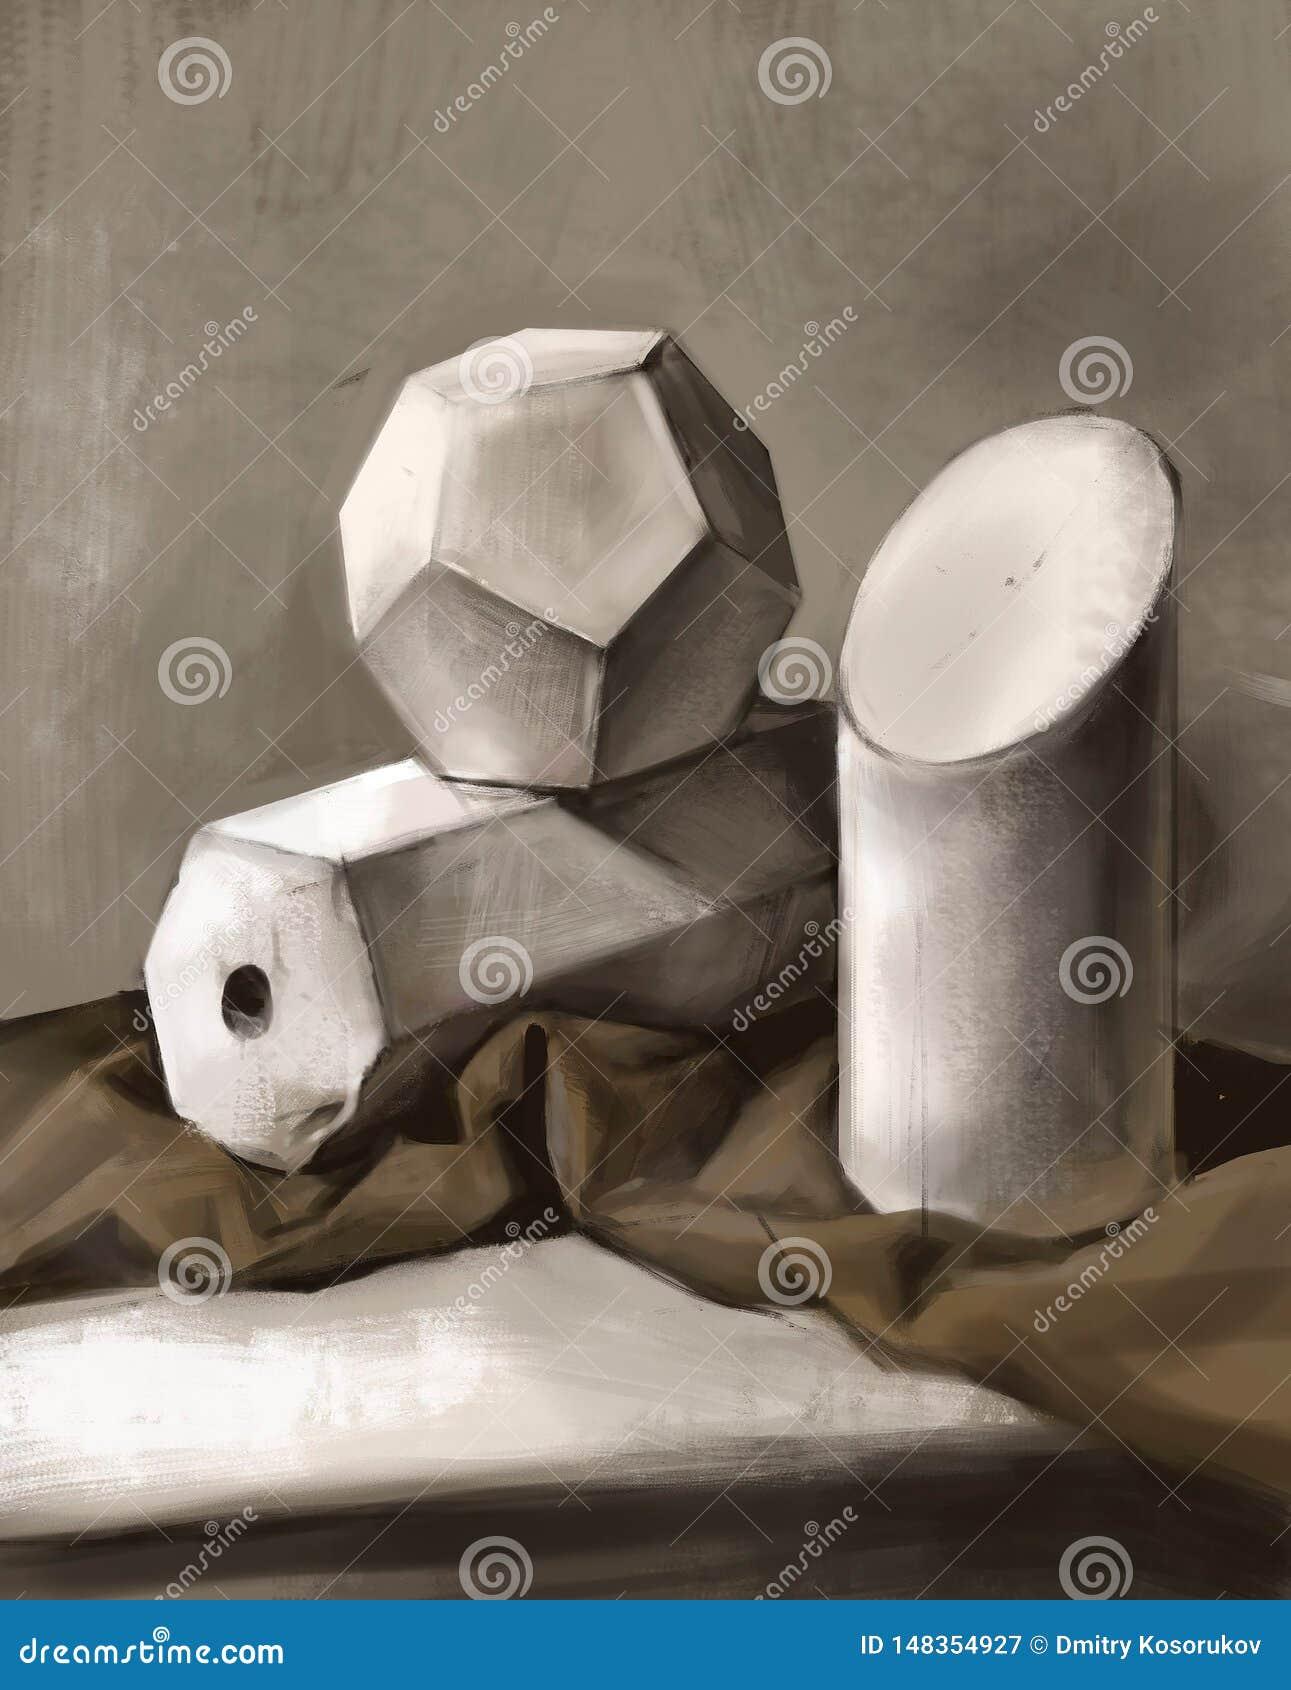 Illustration av tredimensionella geometriska former